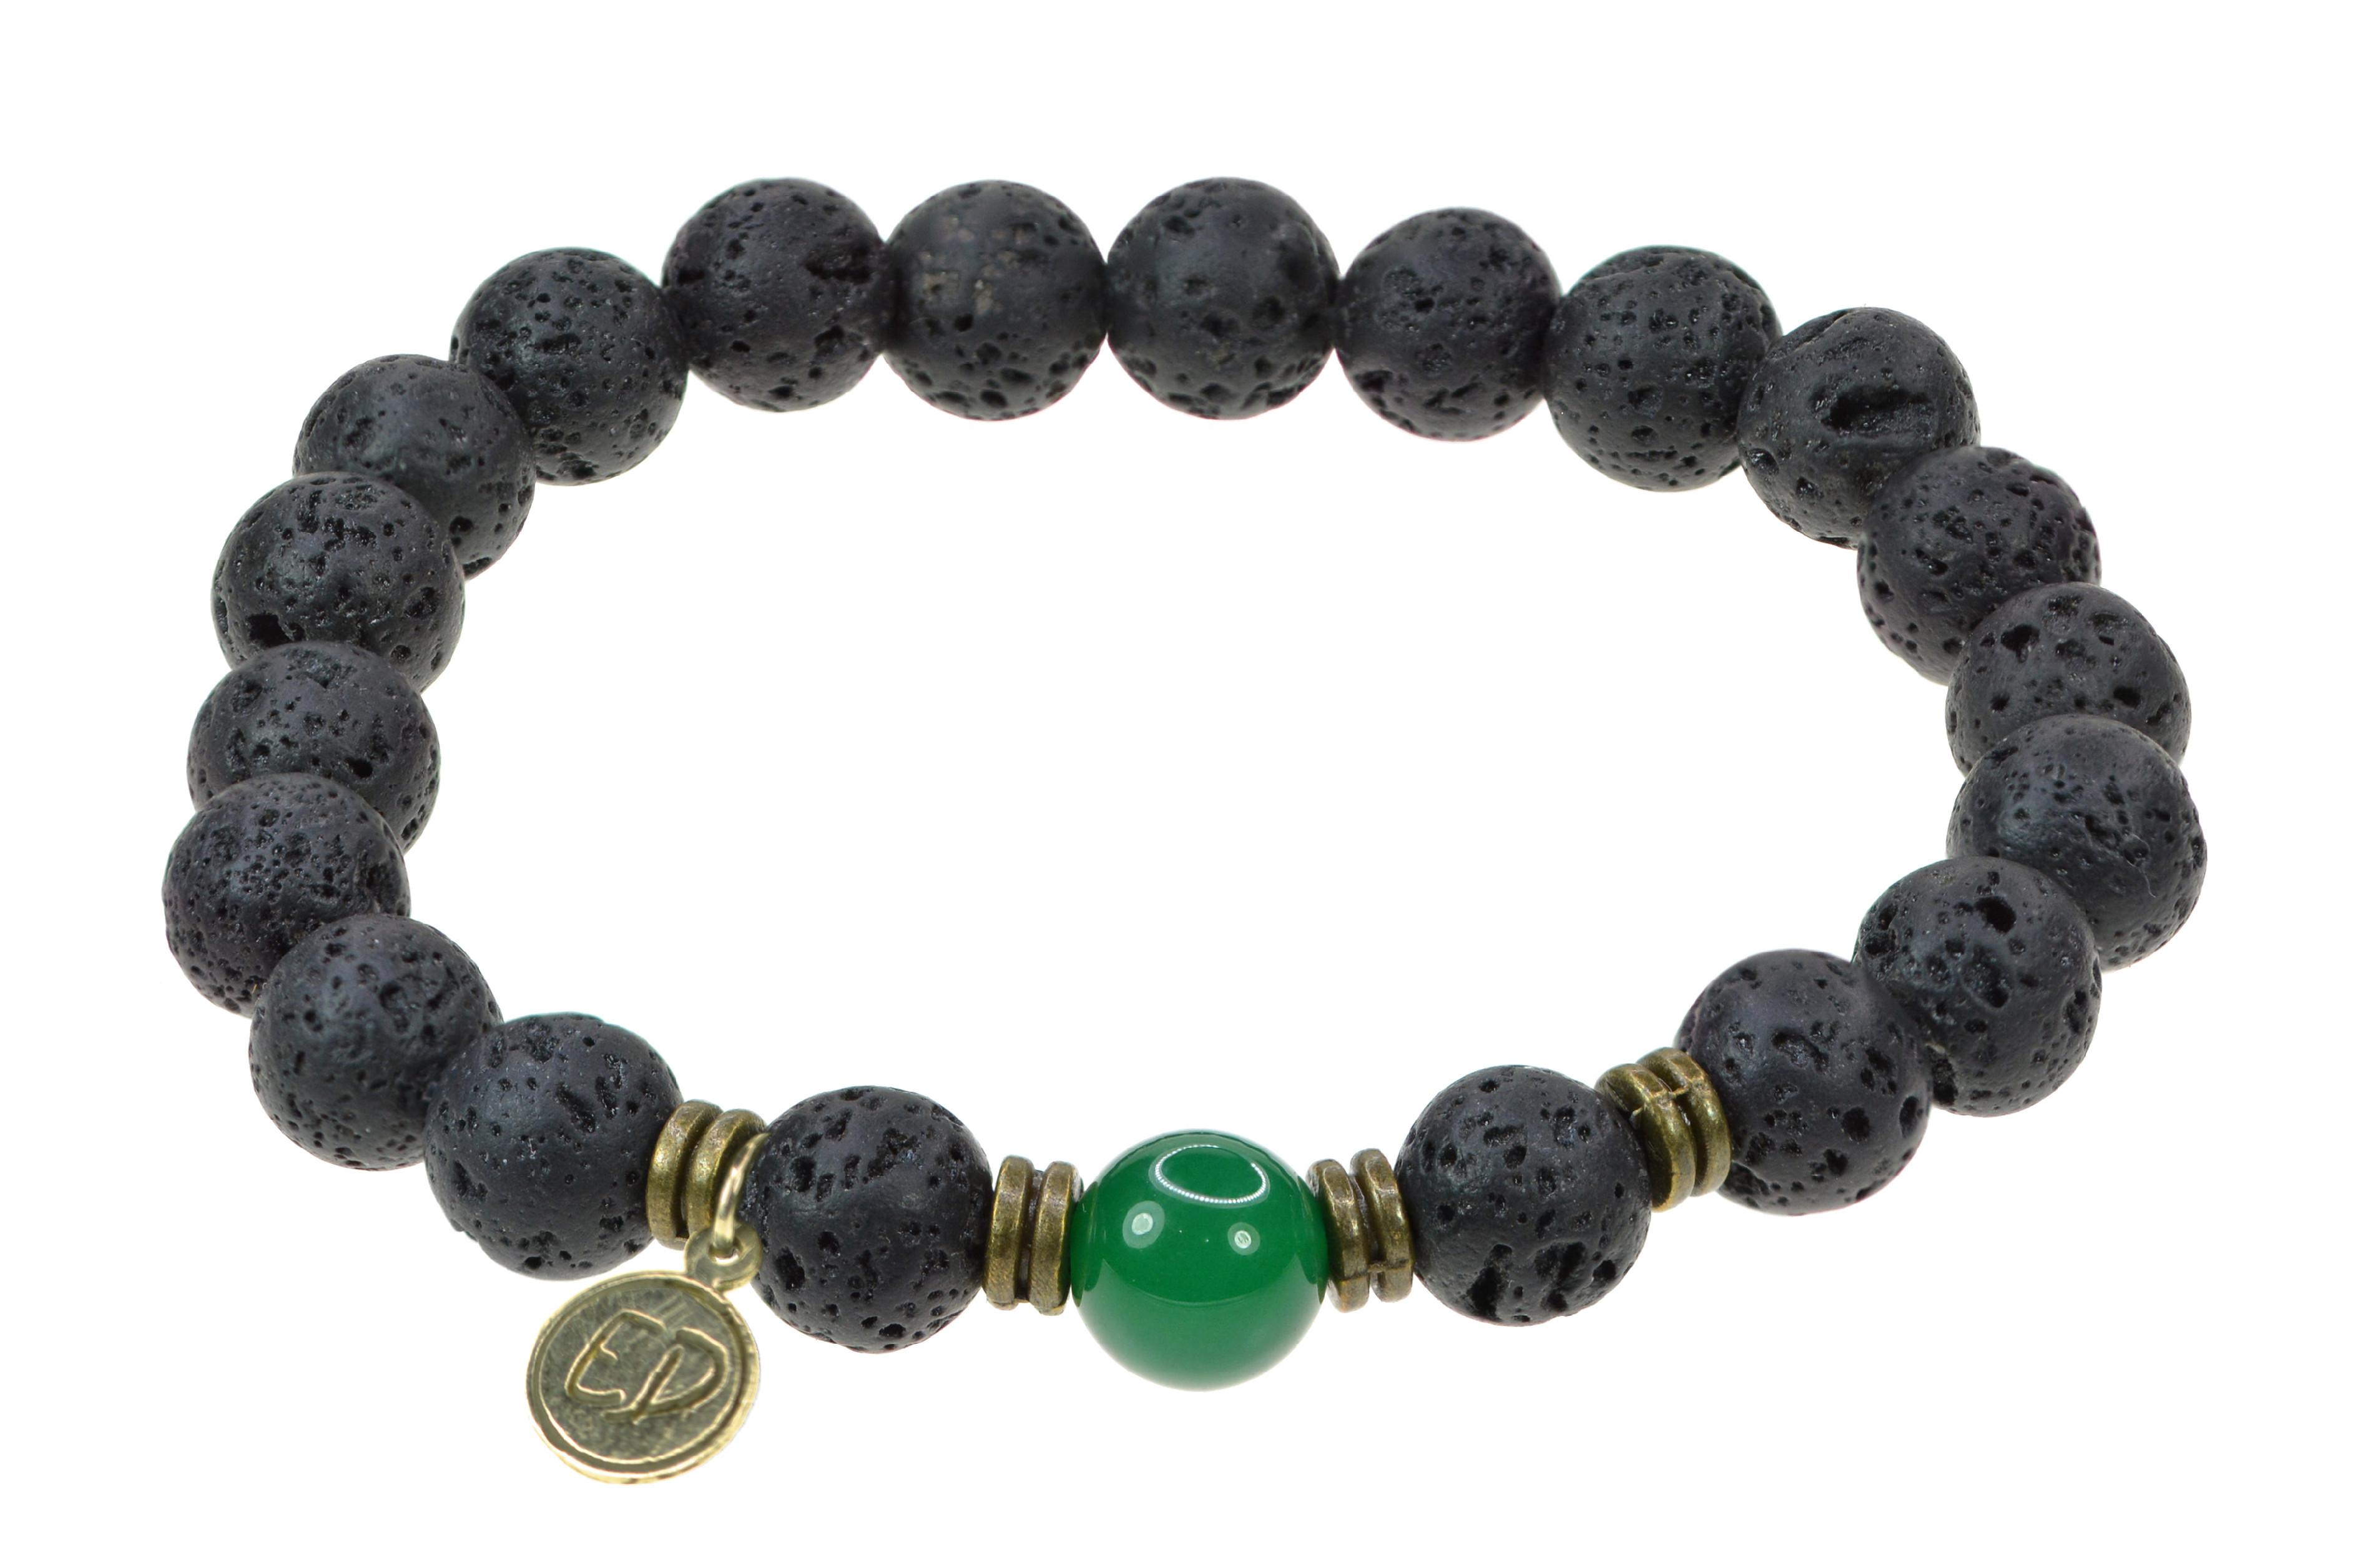 Pánsky náramok s lávovými kameňmi a zeleným achátom